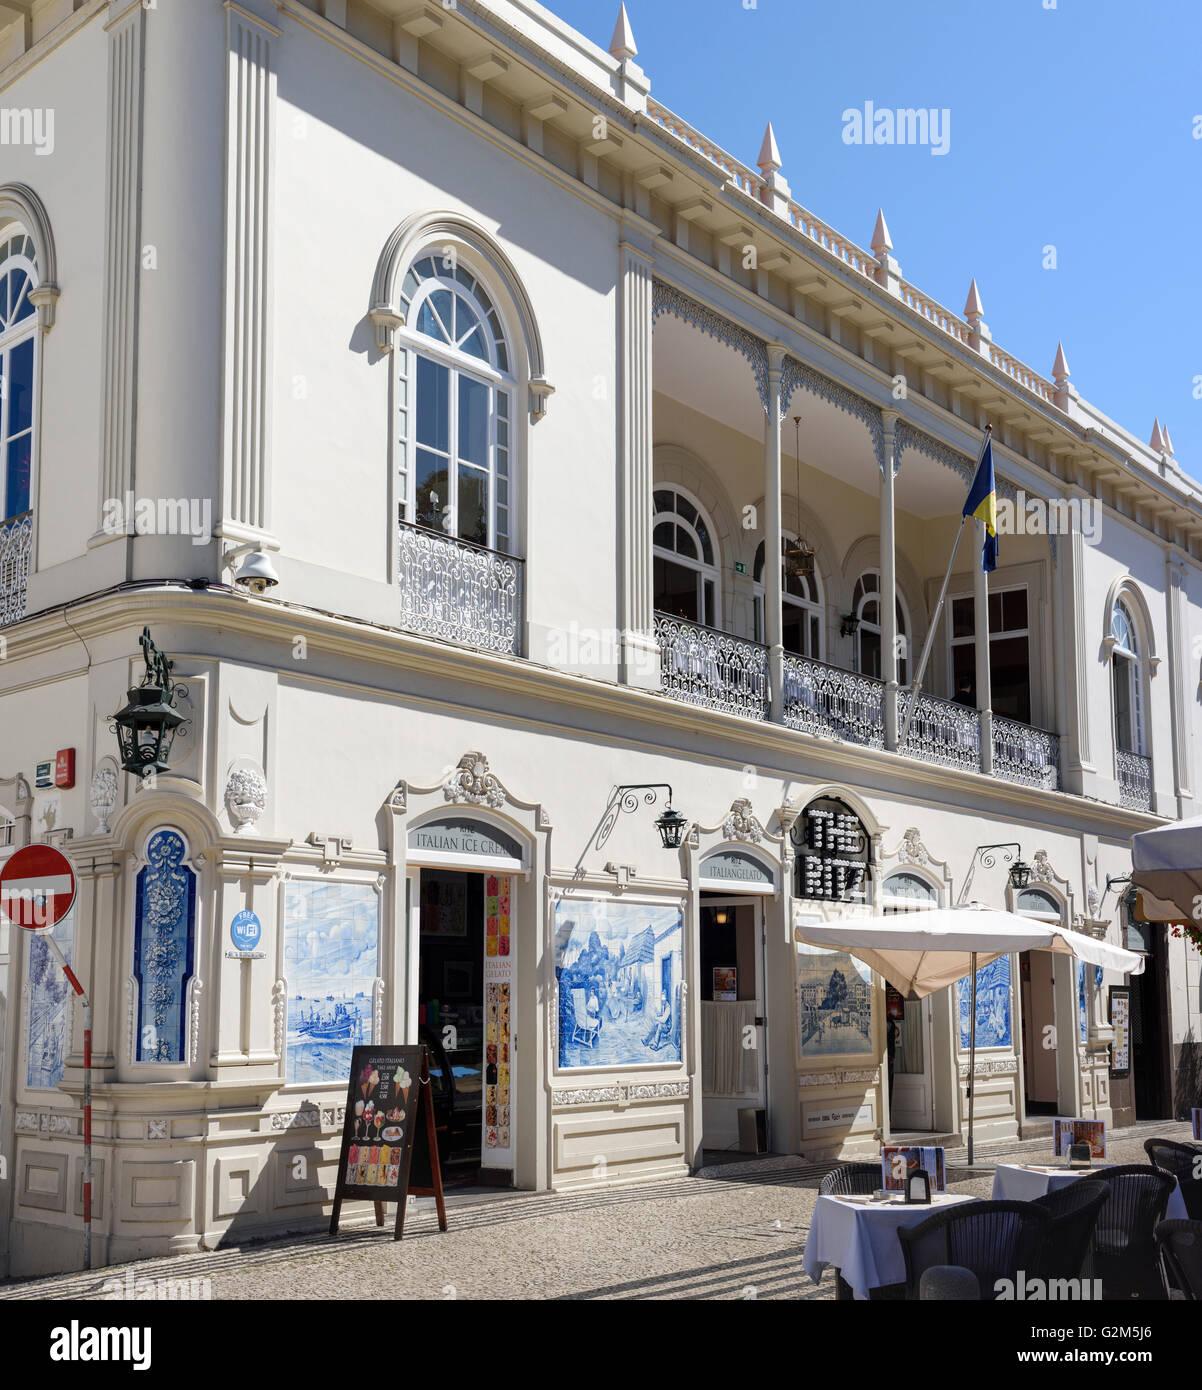 The Ritz Funchal - Stock Image